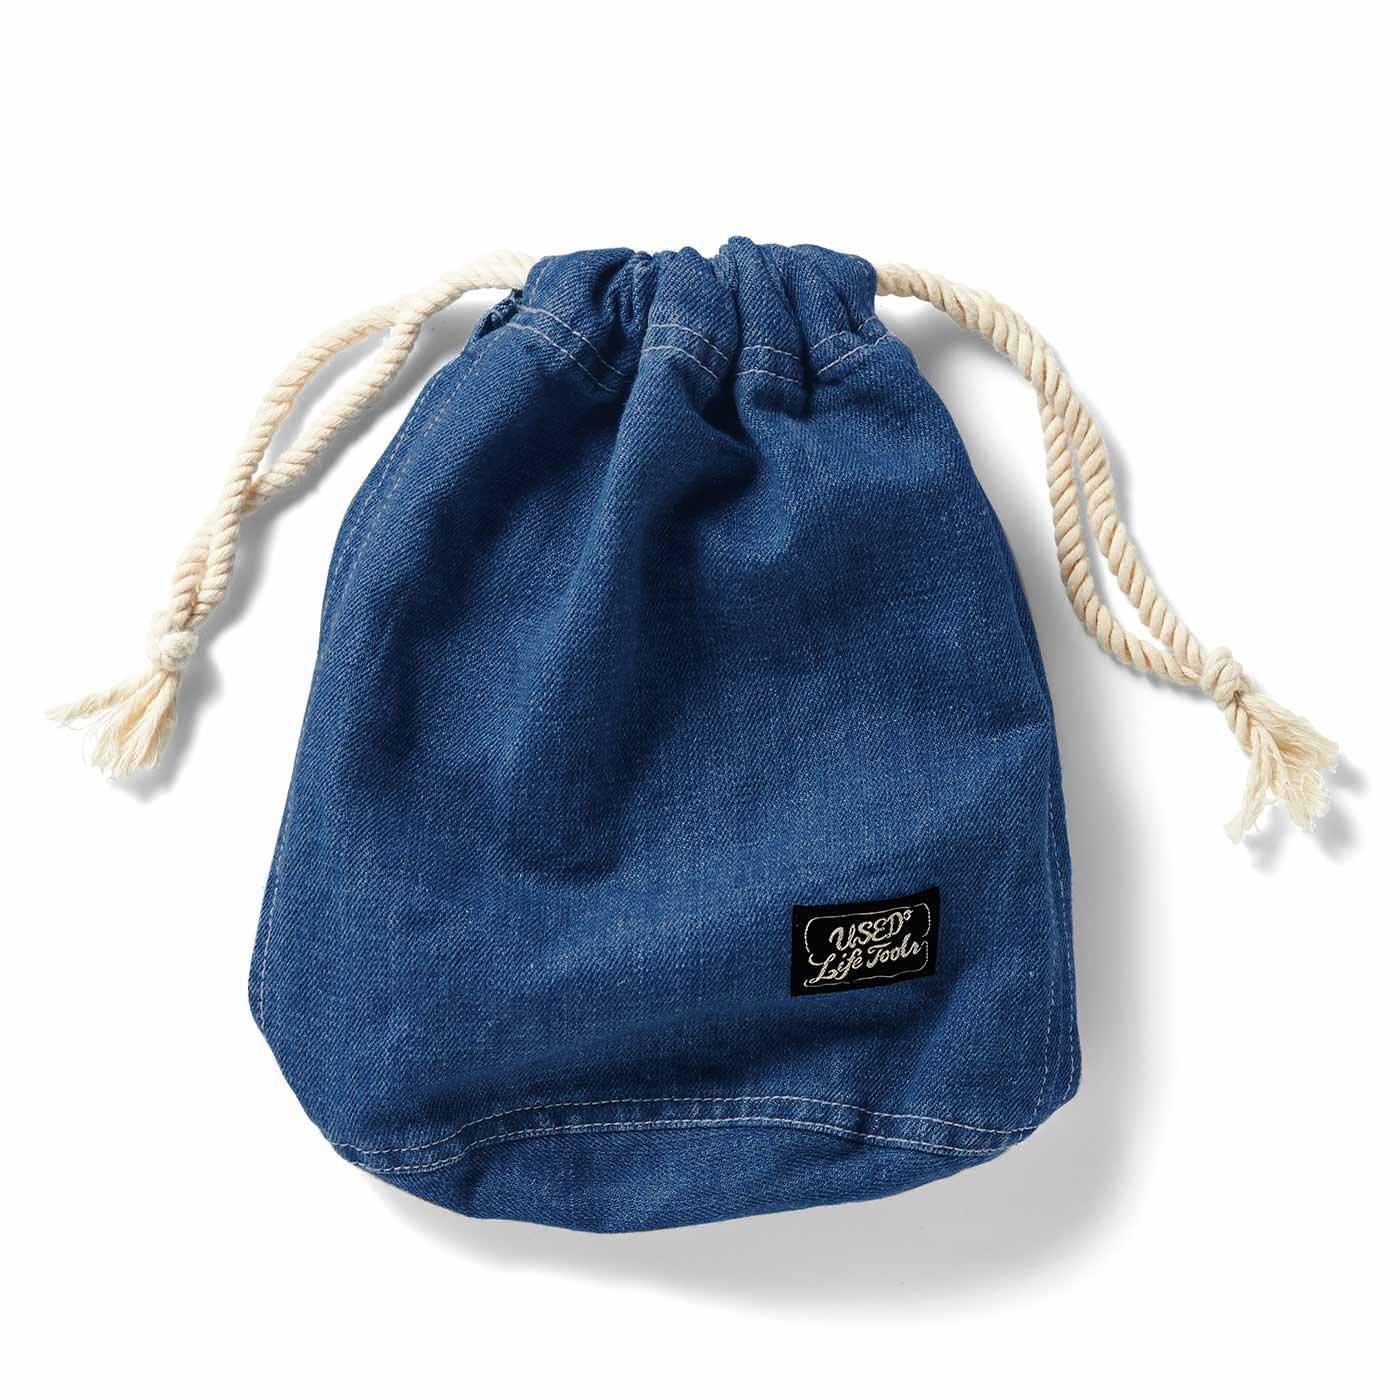 整理整とんの達人に! 暮らしがすっきりしていく 毎日使いの青い小物〈巾着袋〉